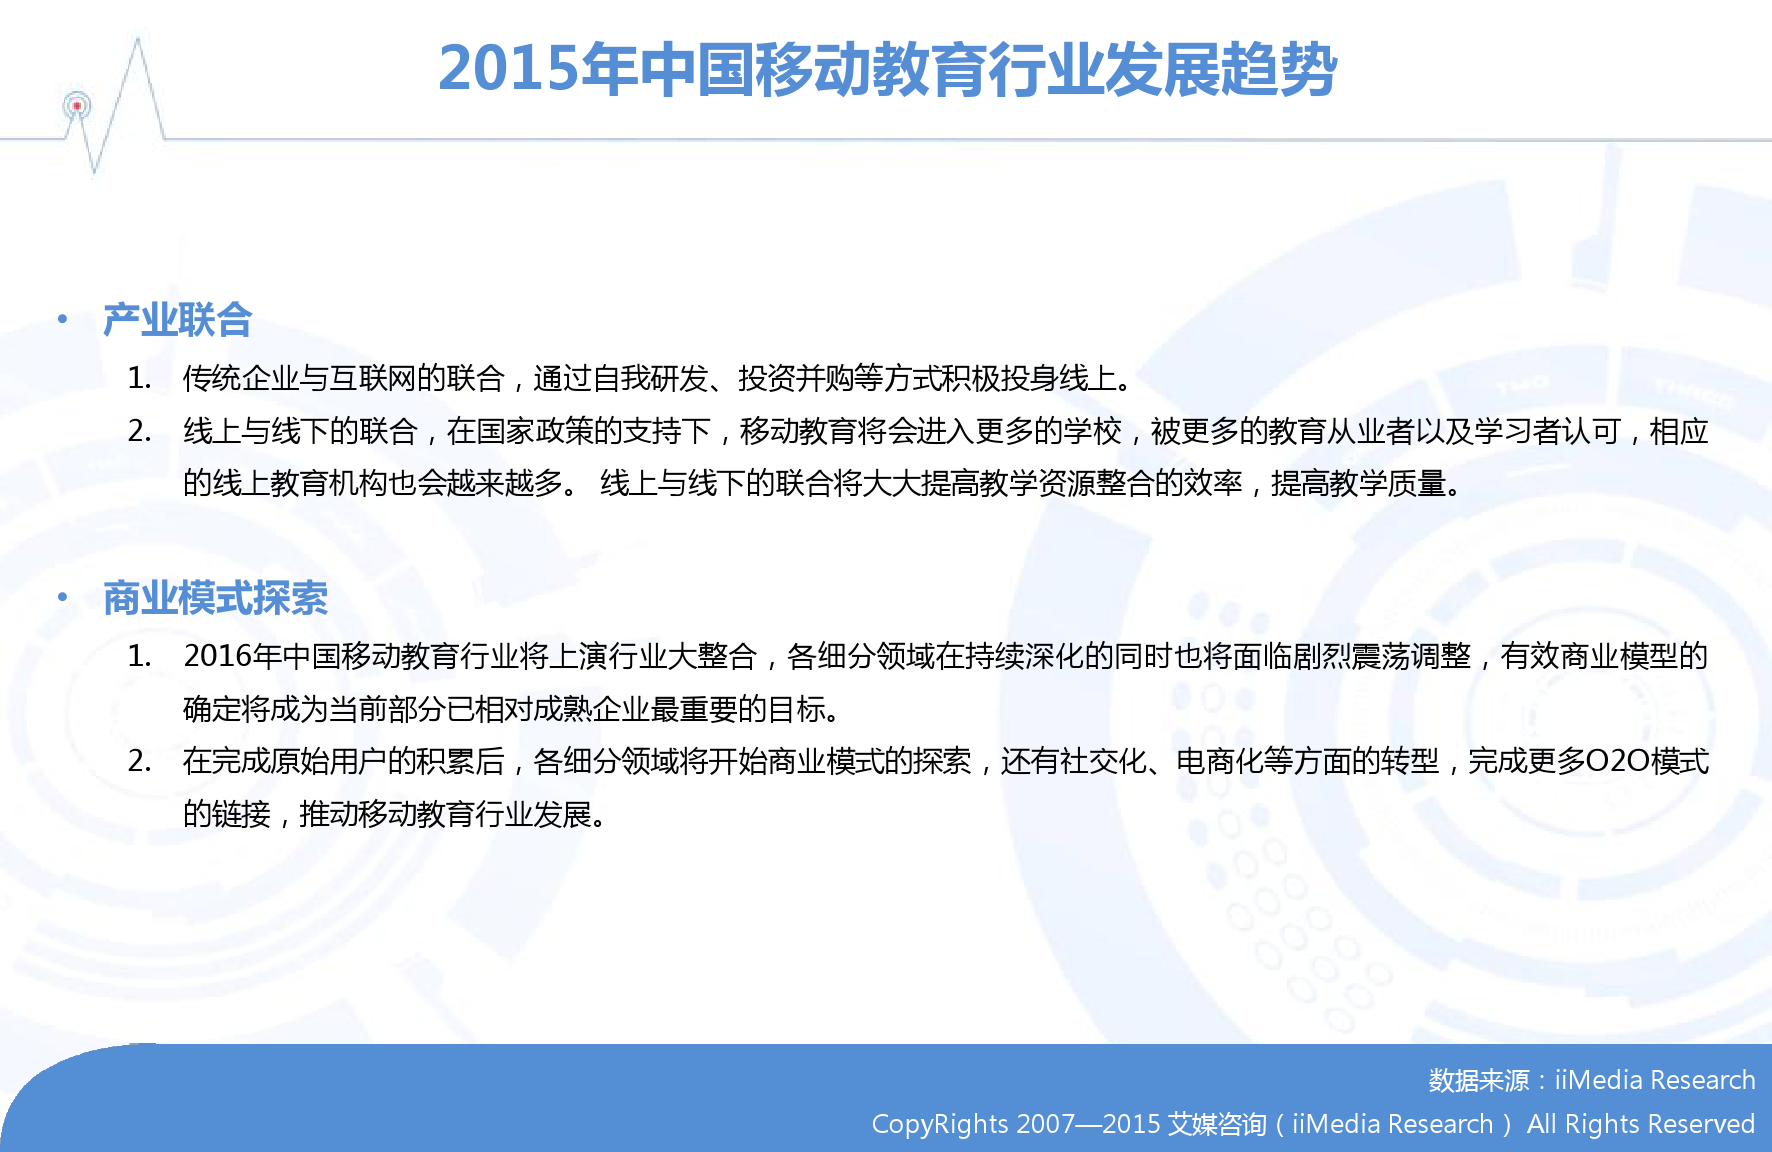 2015-2016年中国移动教育市场研究报告_000034